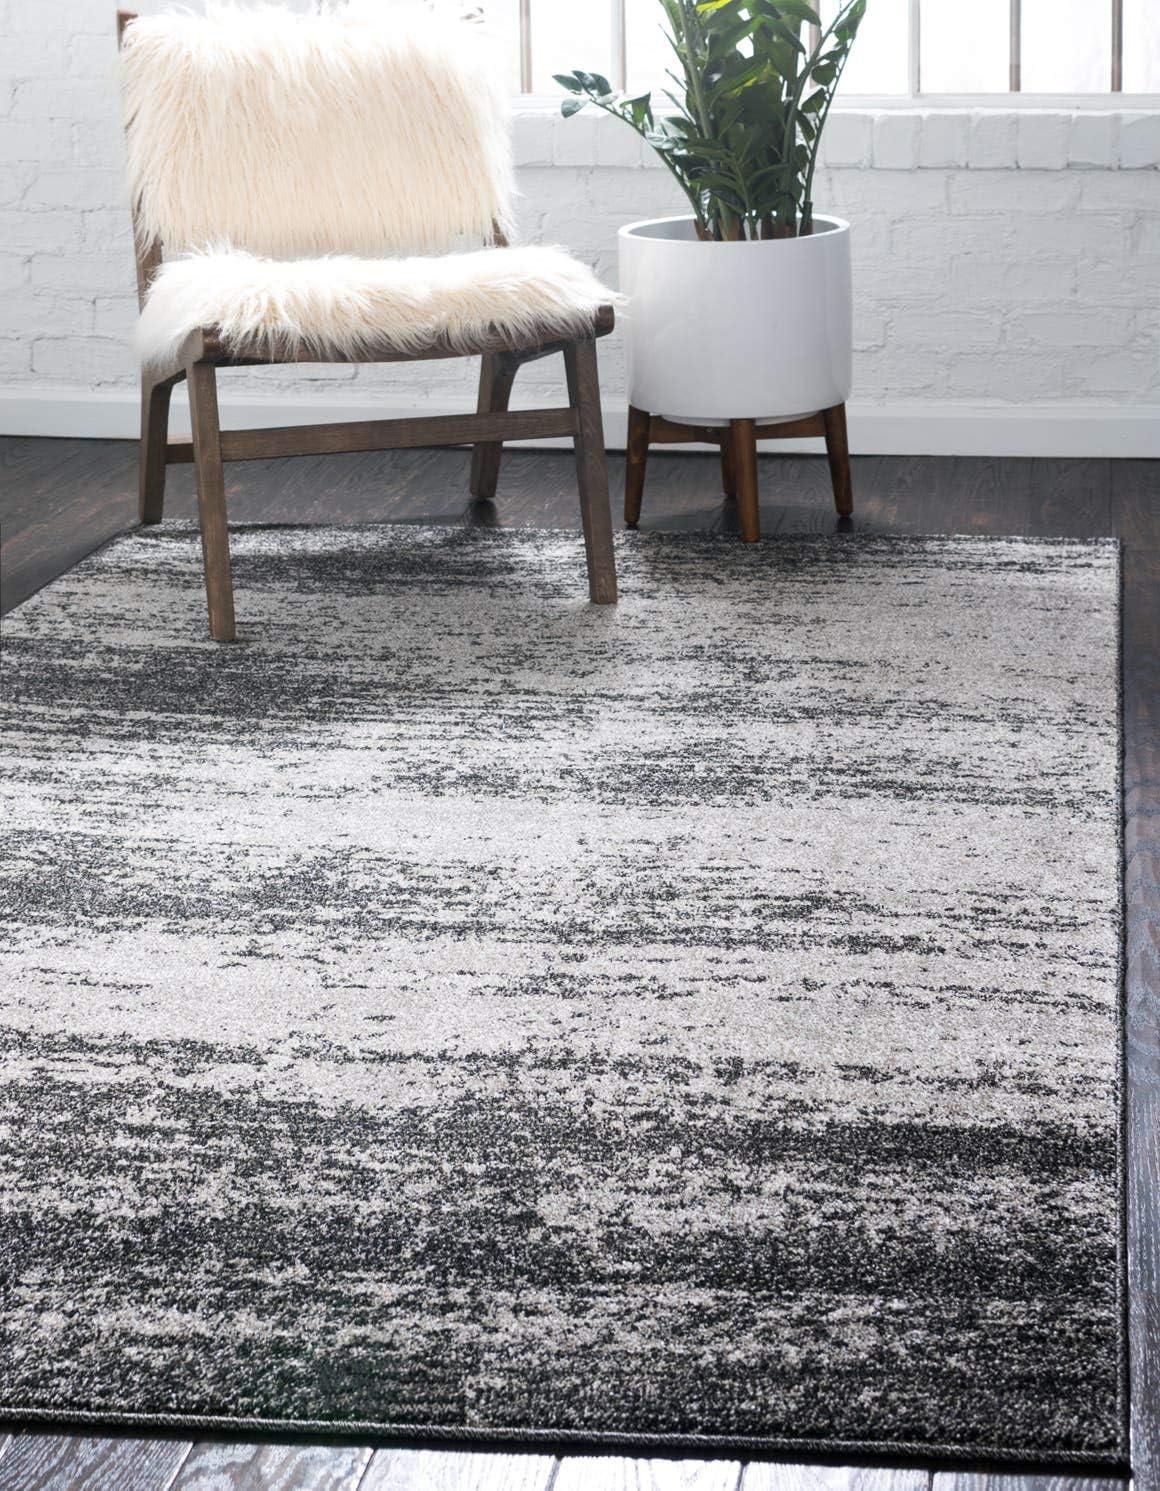 Unique Loom Del Mar Collection Contemporary Transitional Dark Gray Area Rug 9 0 x 12 0